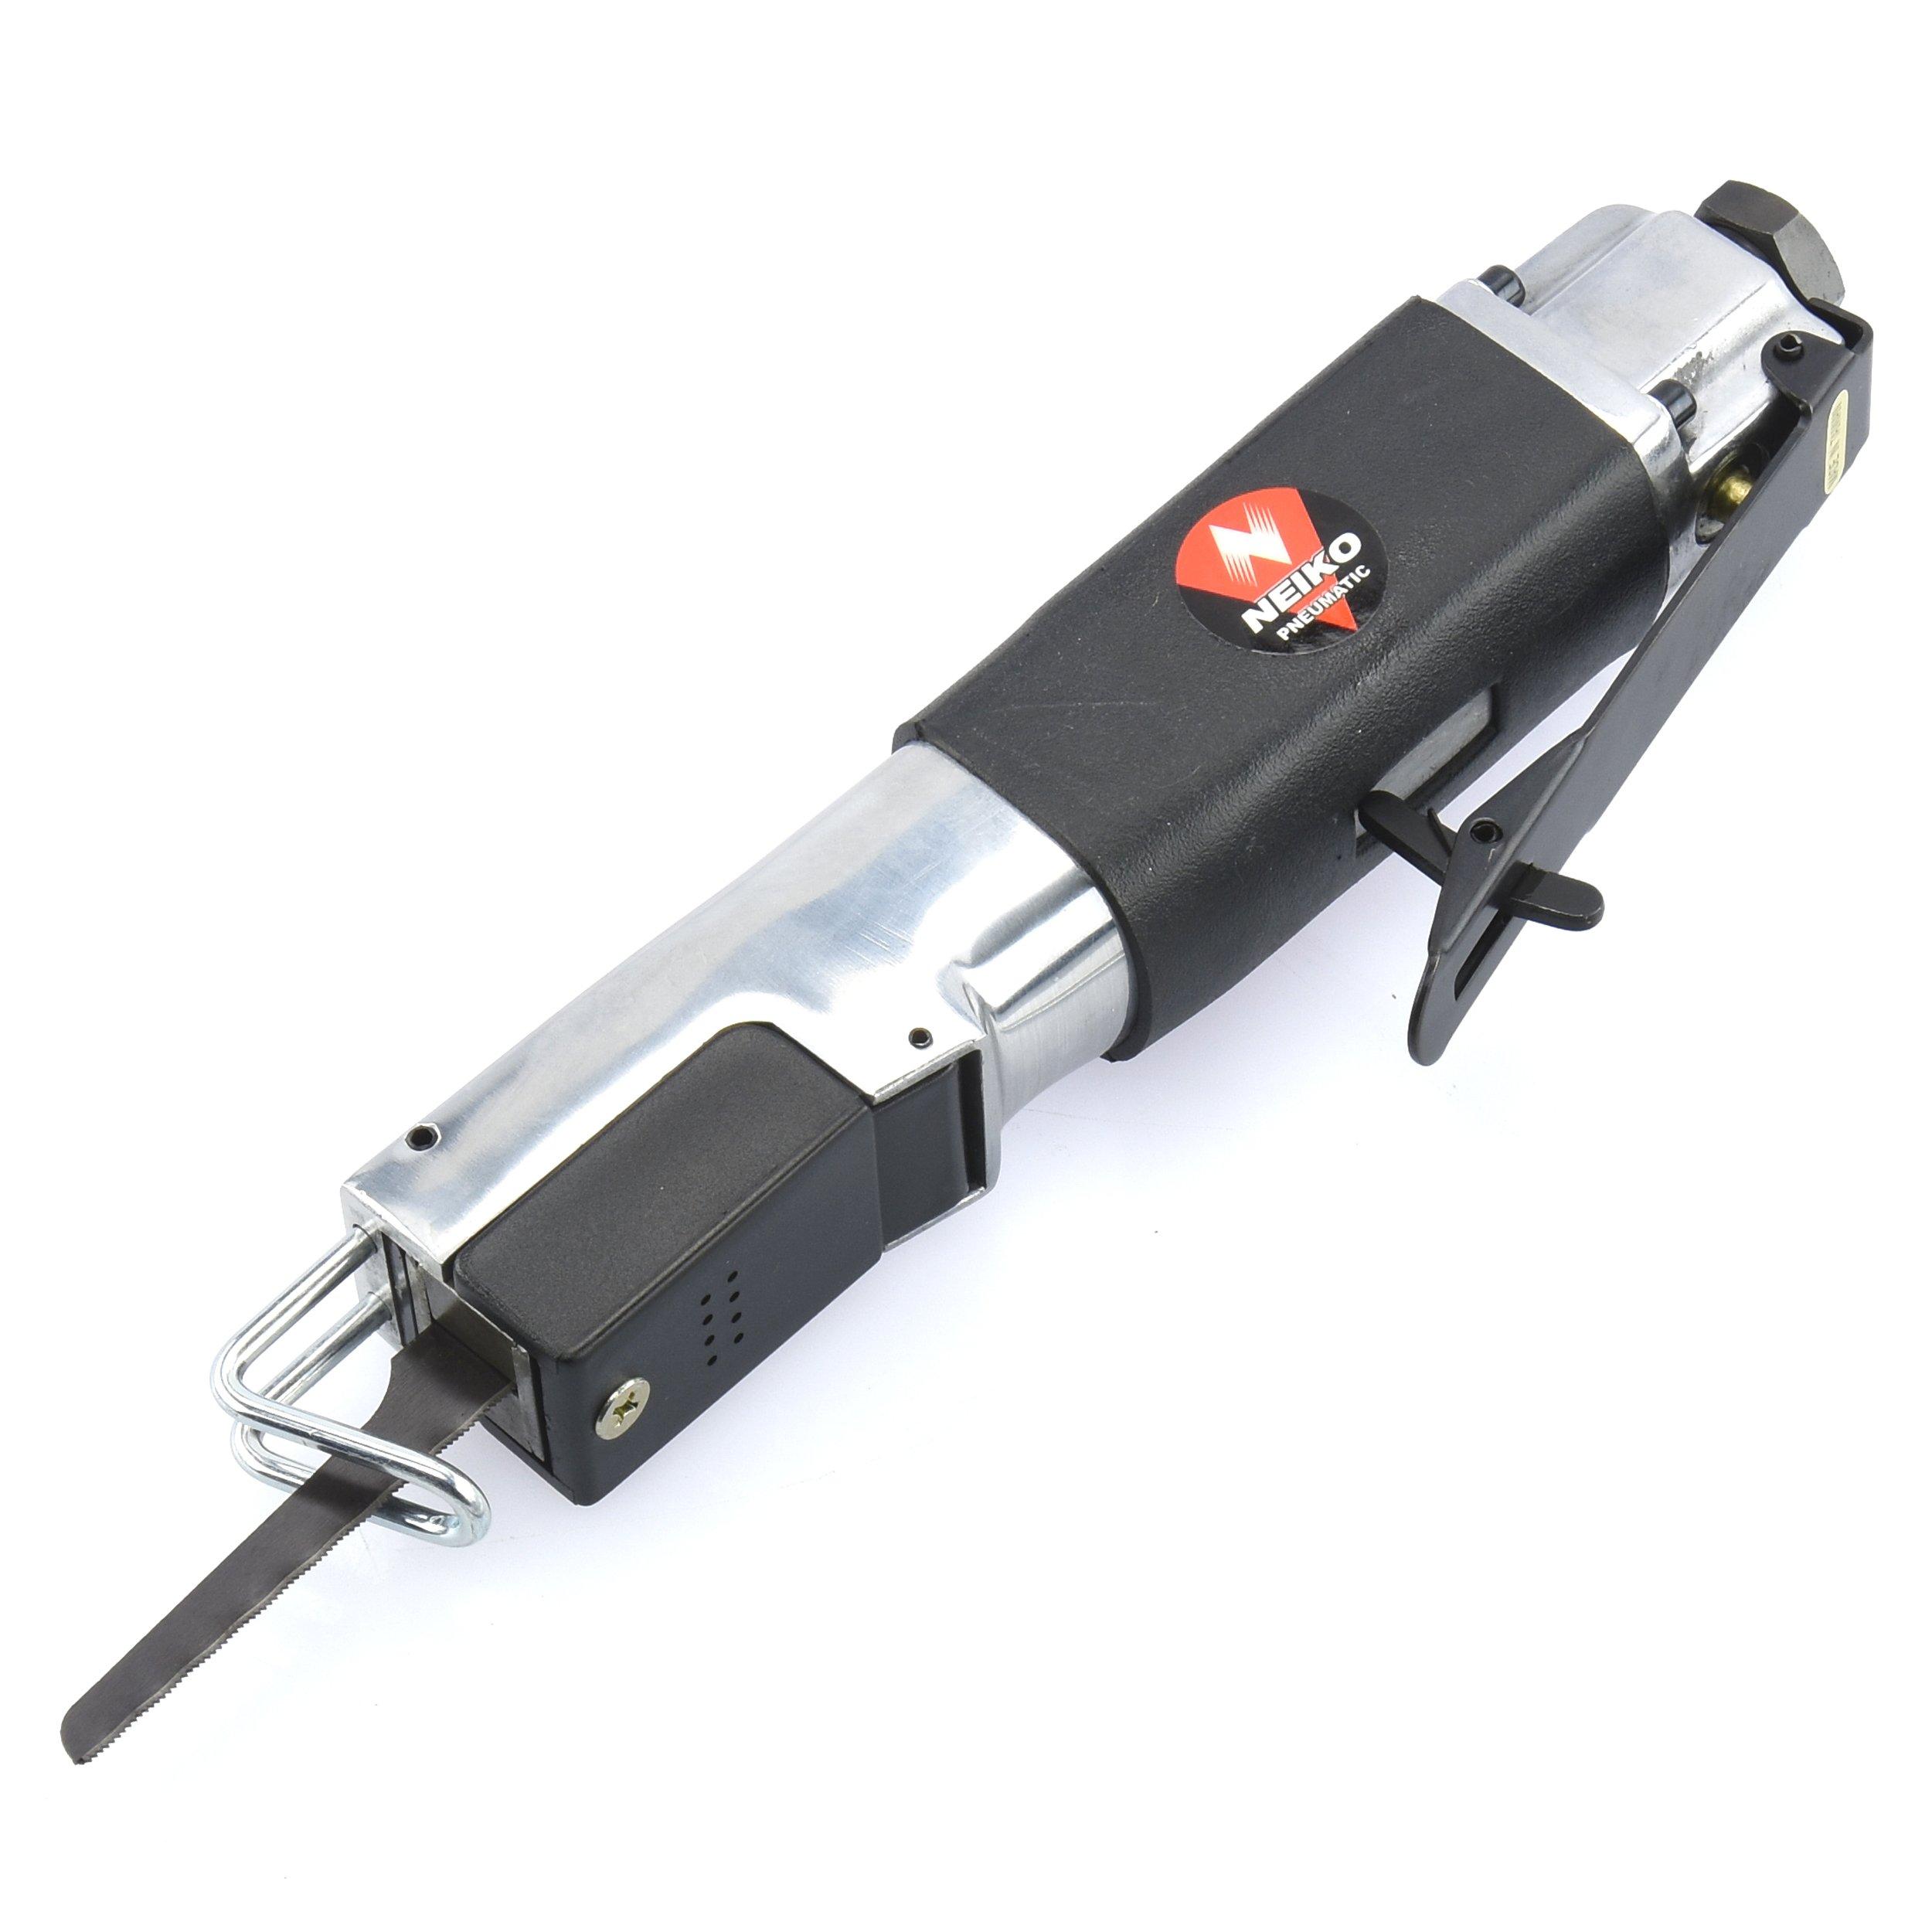 Neiko 30065A Pneumatic Air Saber Body Saw | 1/4'' NPT Air Inlet | 6 CFM, 90 PSI | 10000 RPM